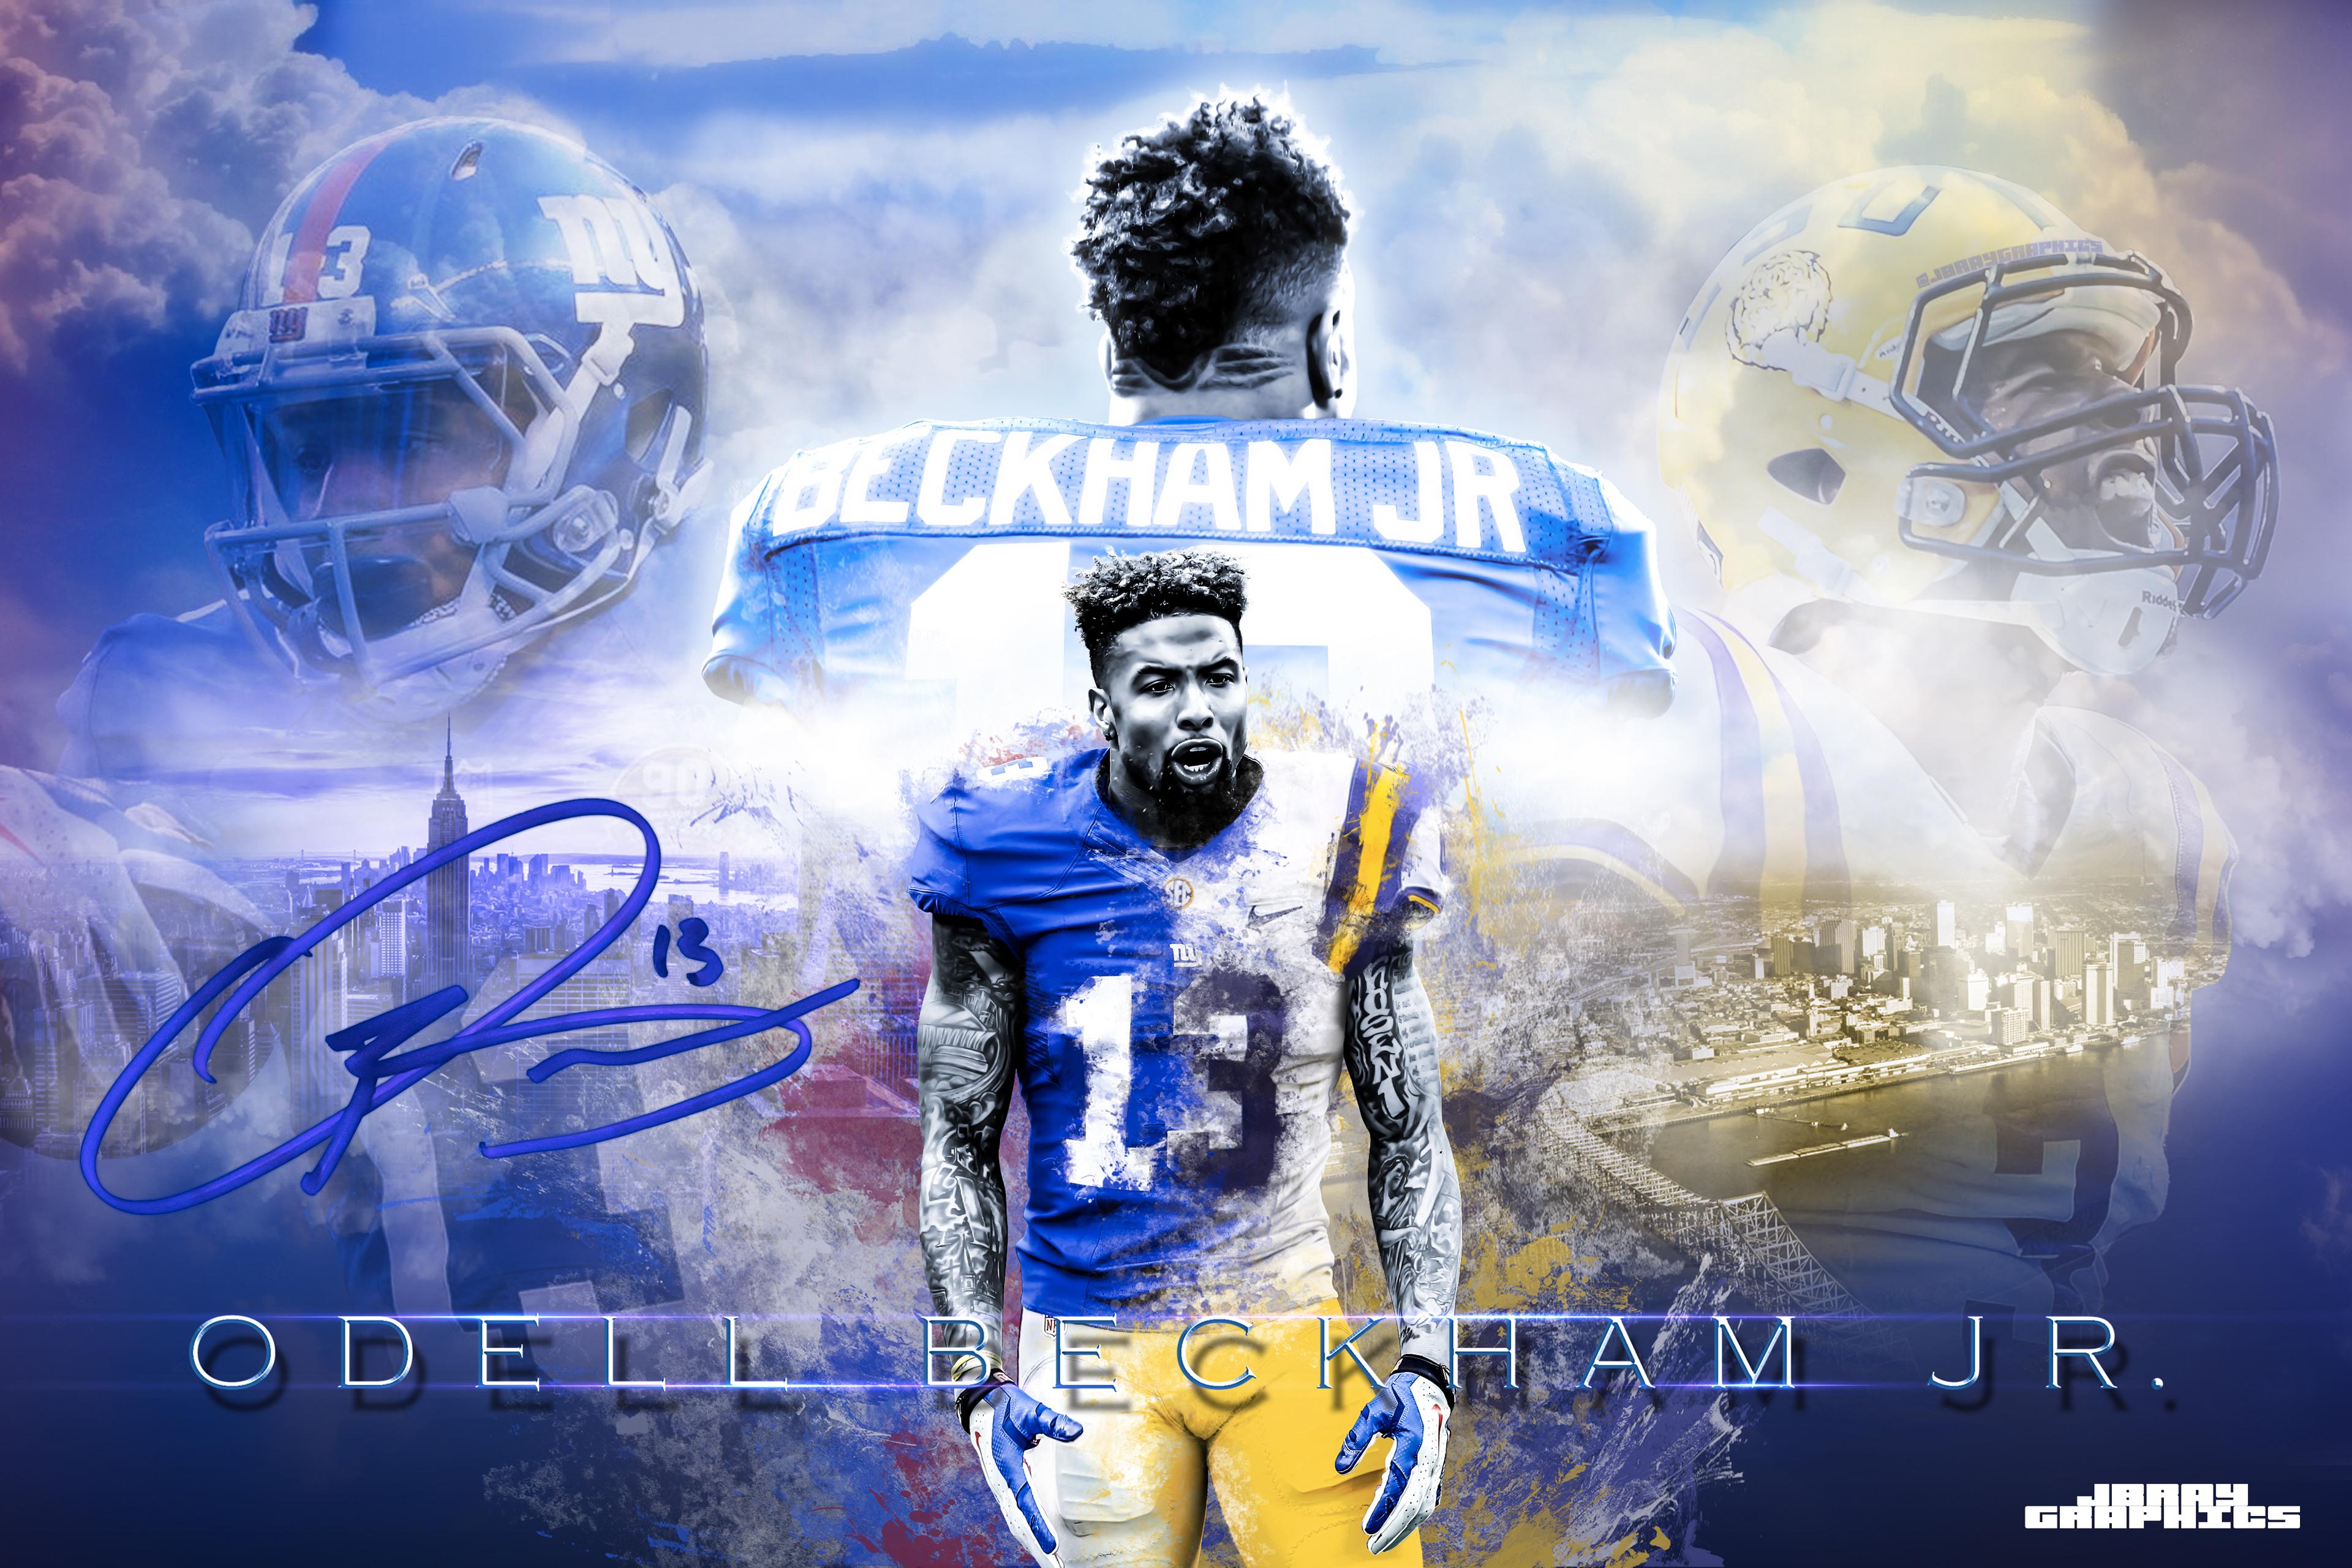 """Odell Beckham Jr """"Legacy"""" Wallpaper on Behance"""